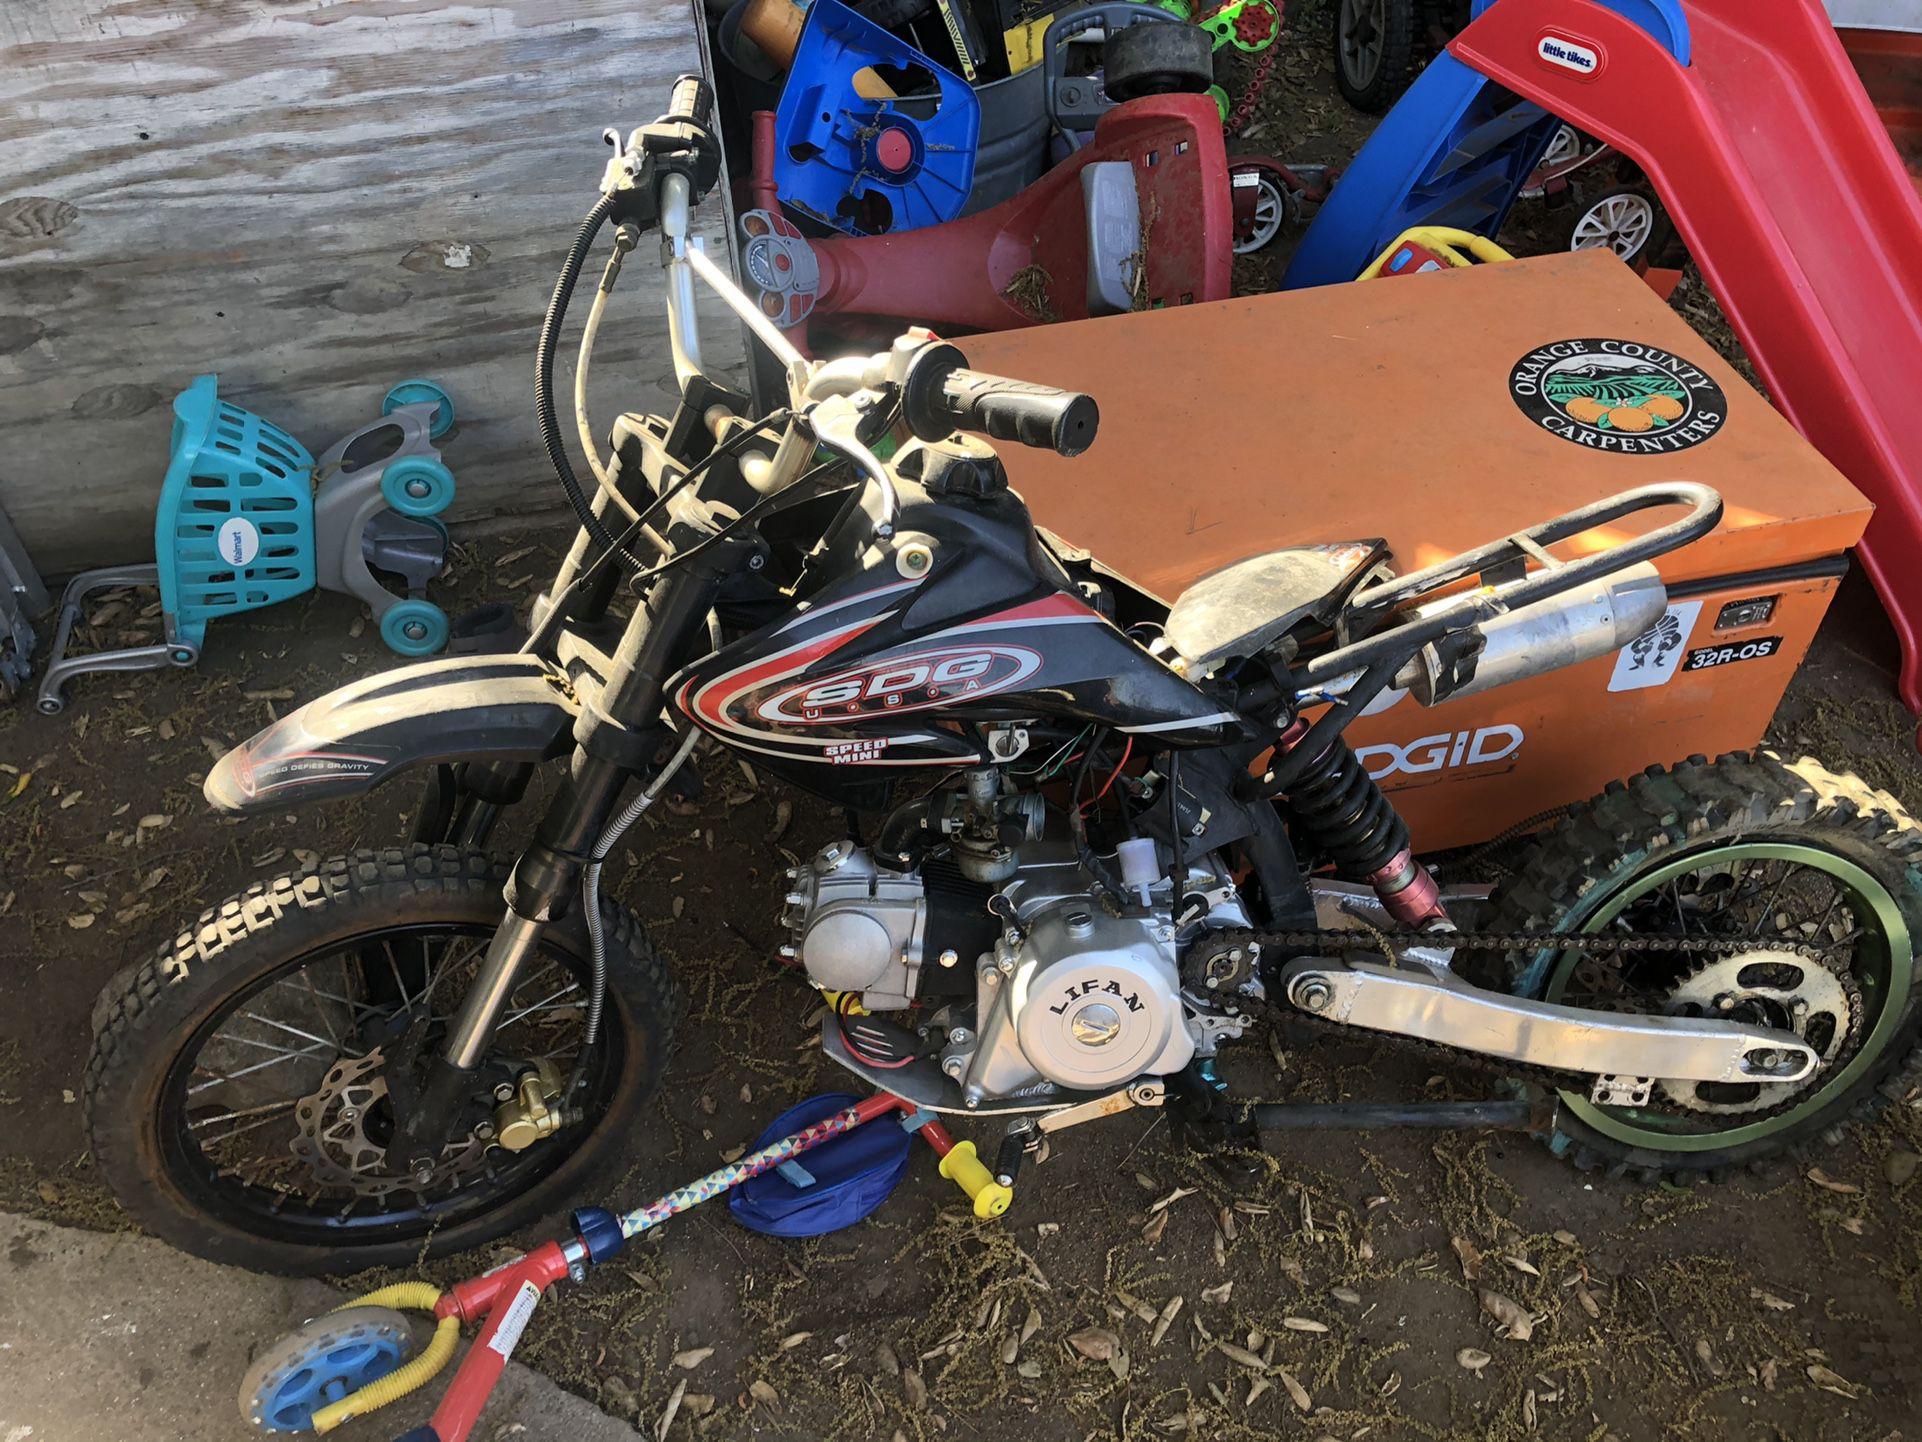 Photo 2 pit bikes sdg 125cc and lil 50cc